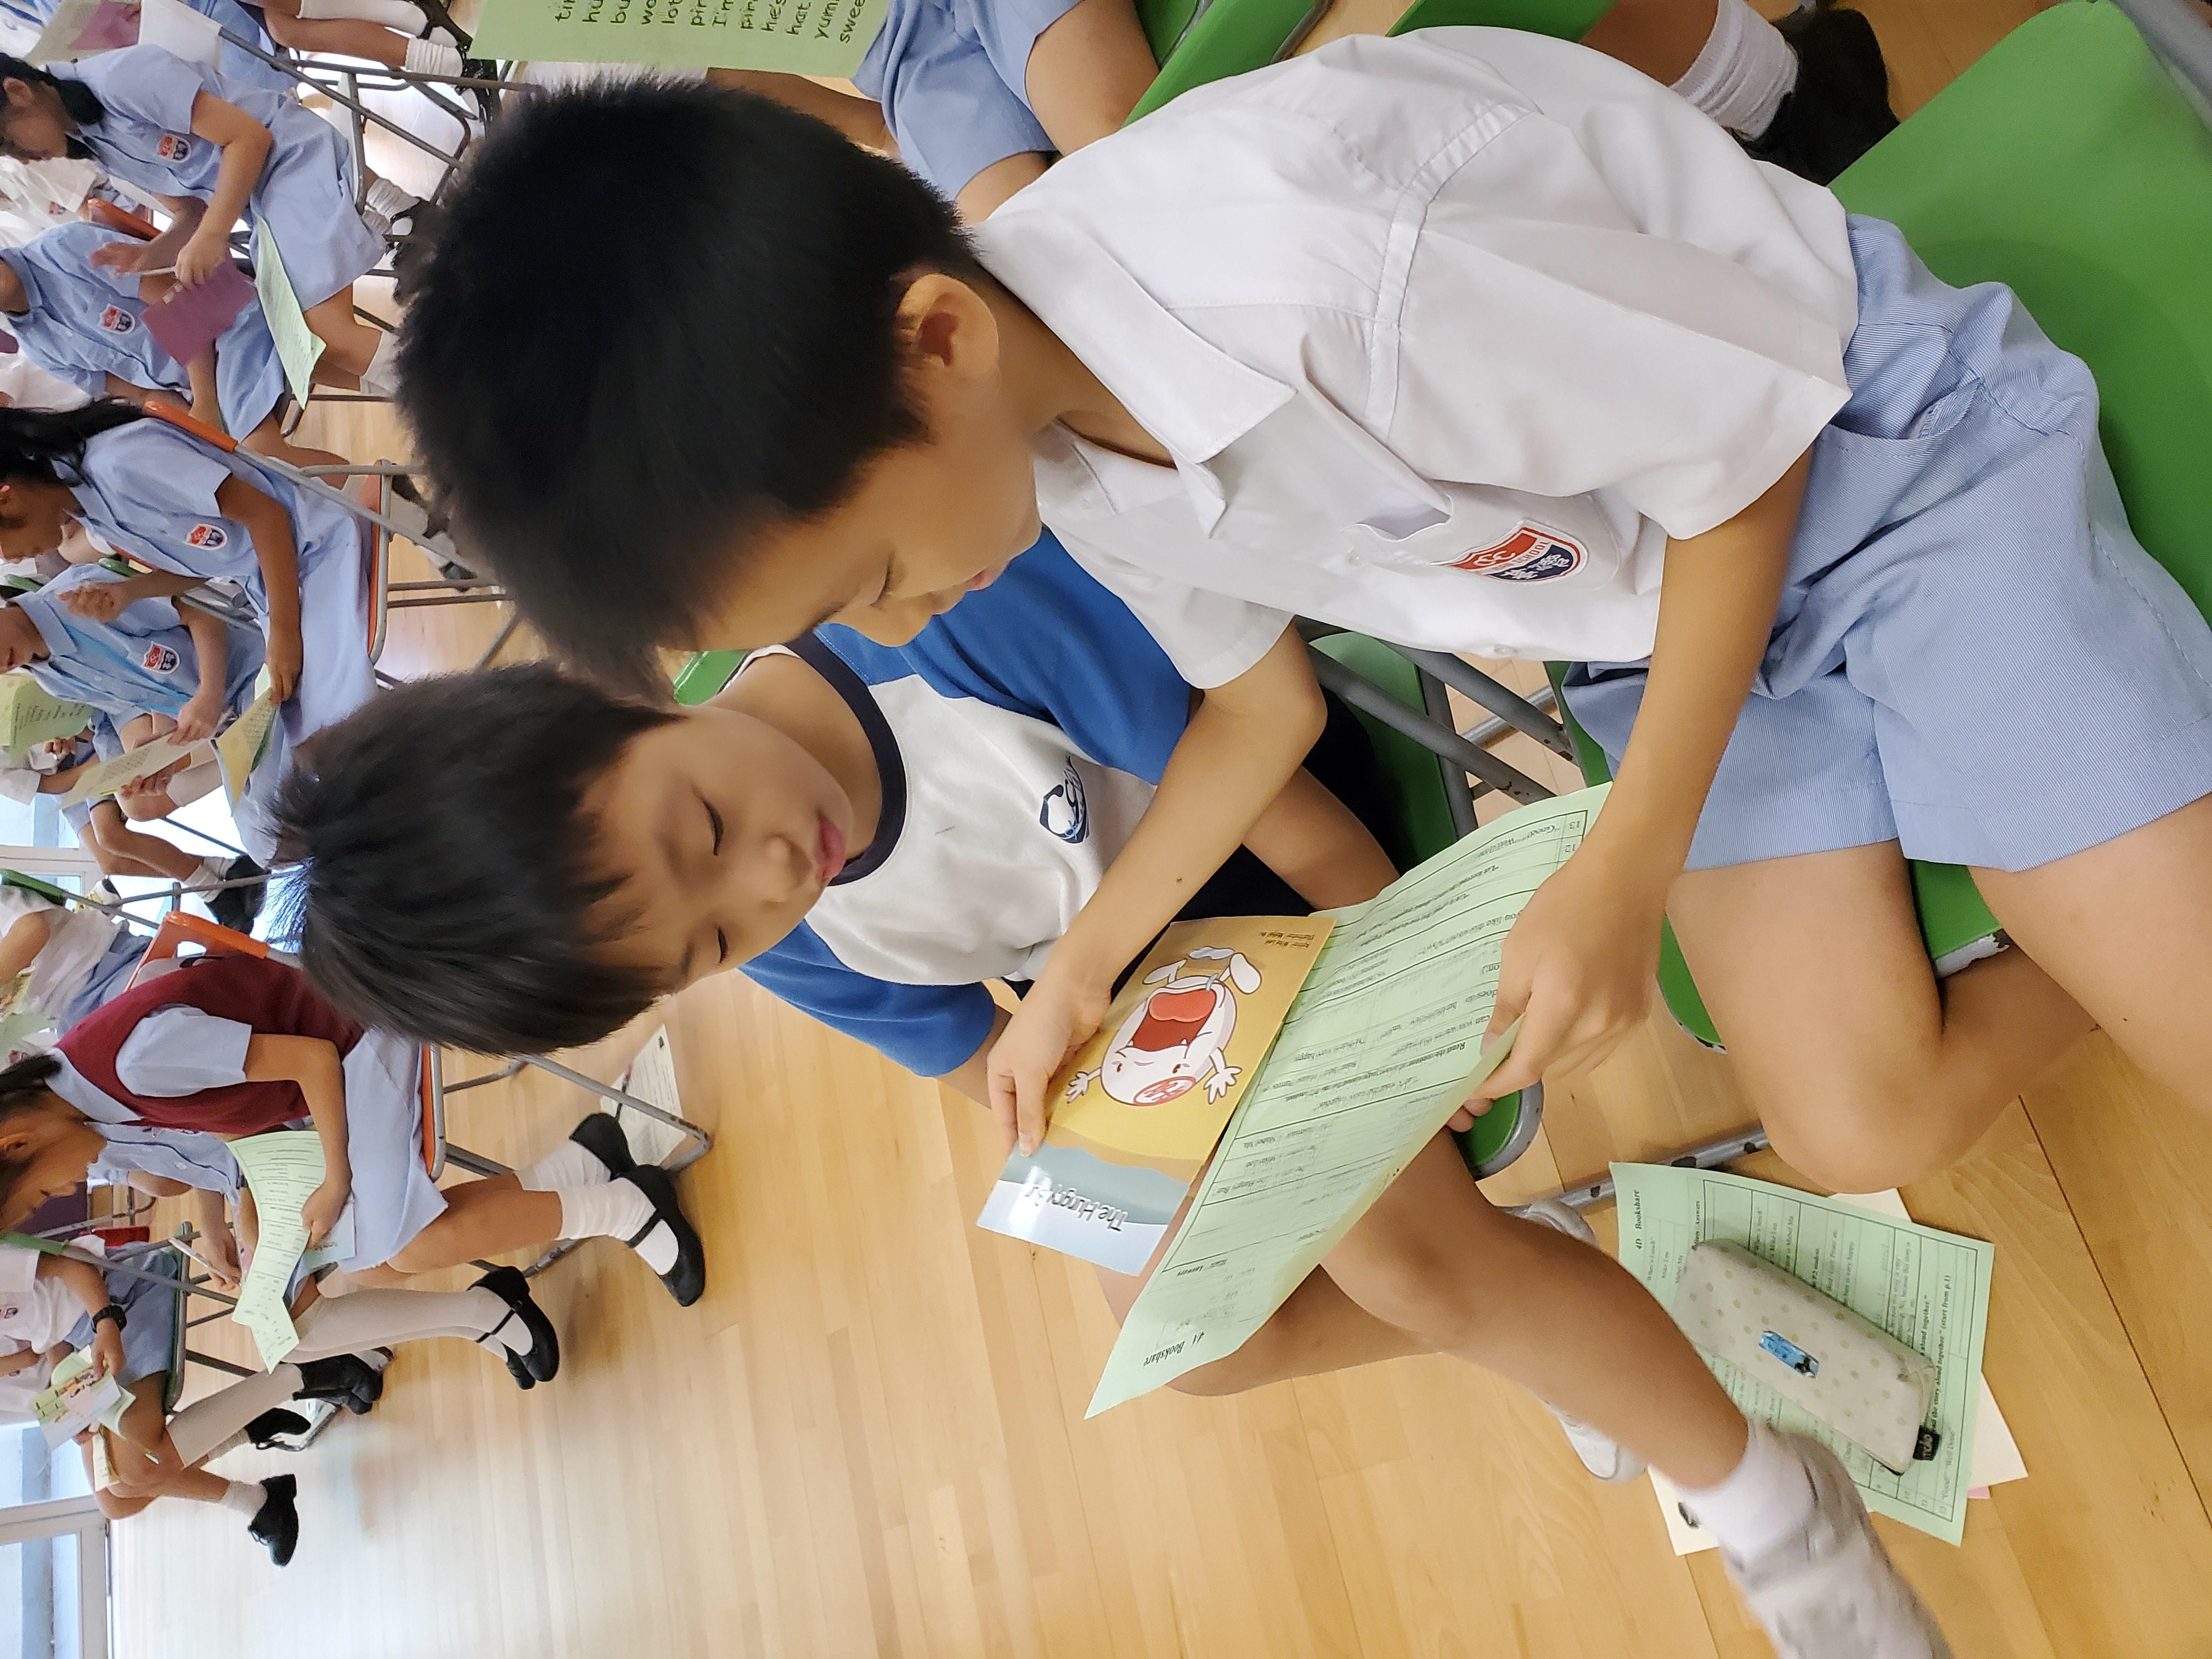 http://www.keiwan.edu.hk/sites/default/files/20191016_132924.jpg